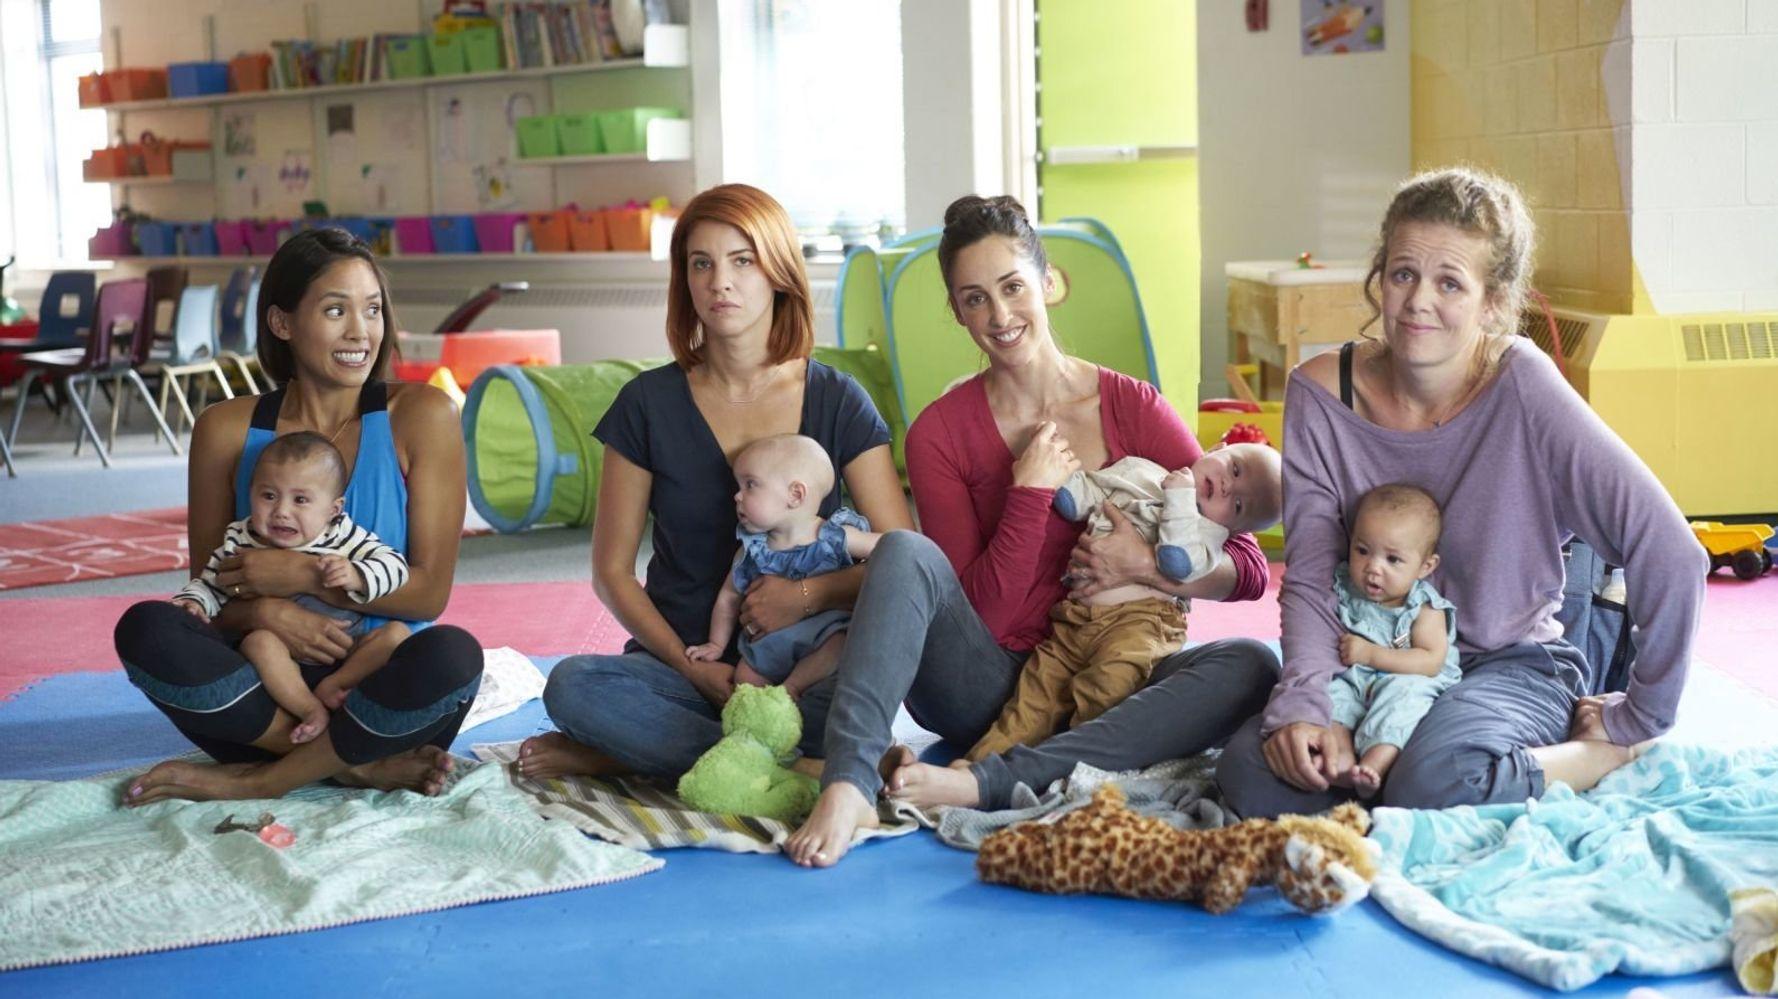 Espectáculos como mamás trabajadoras | 7 Debe ver series de TV similares 1